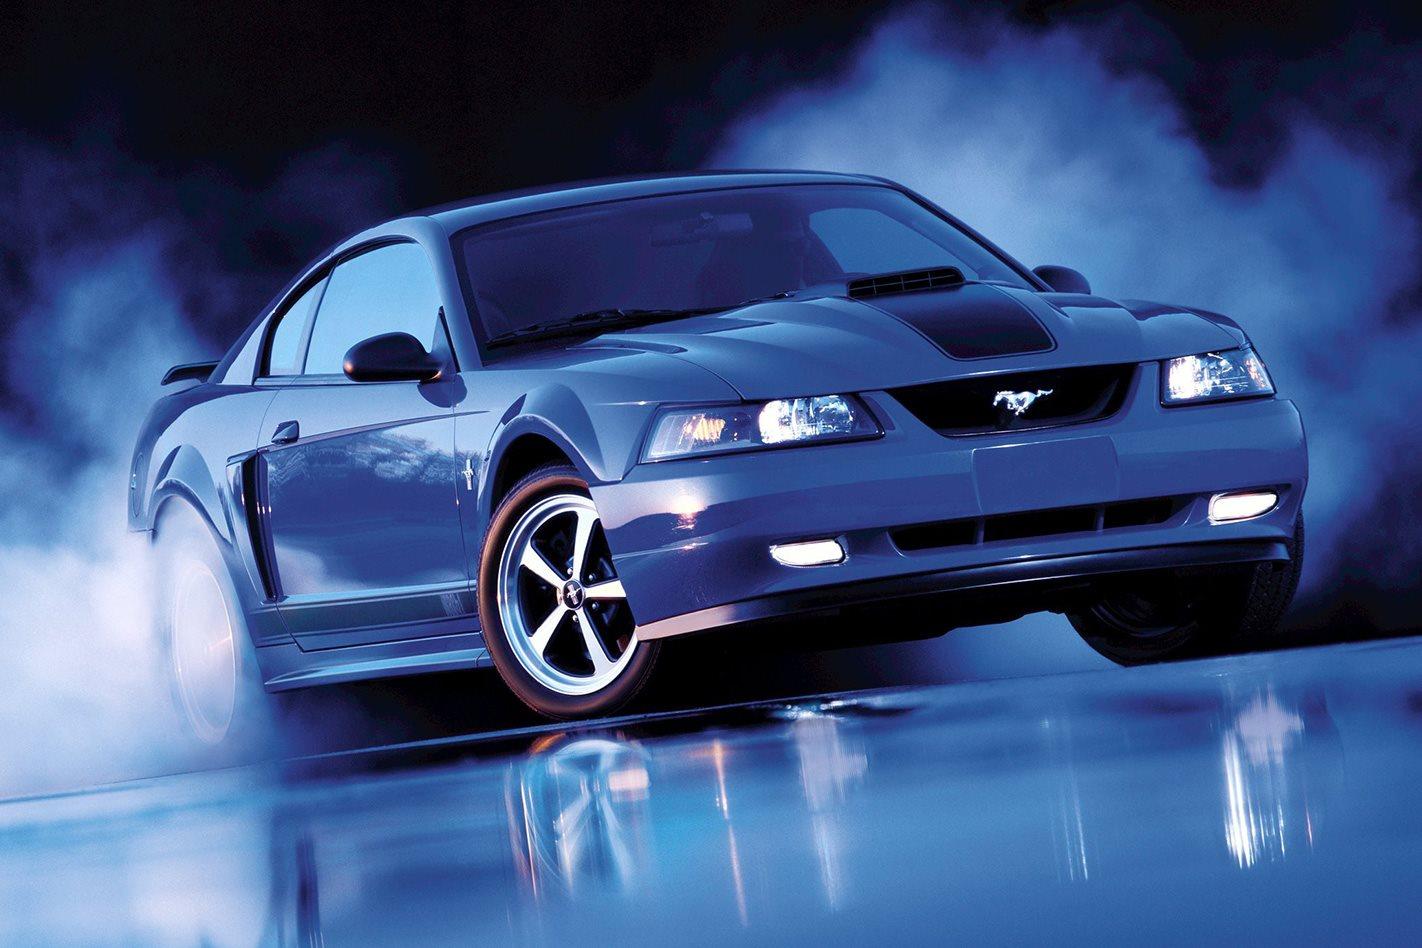 2003 Mustang Mach